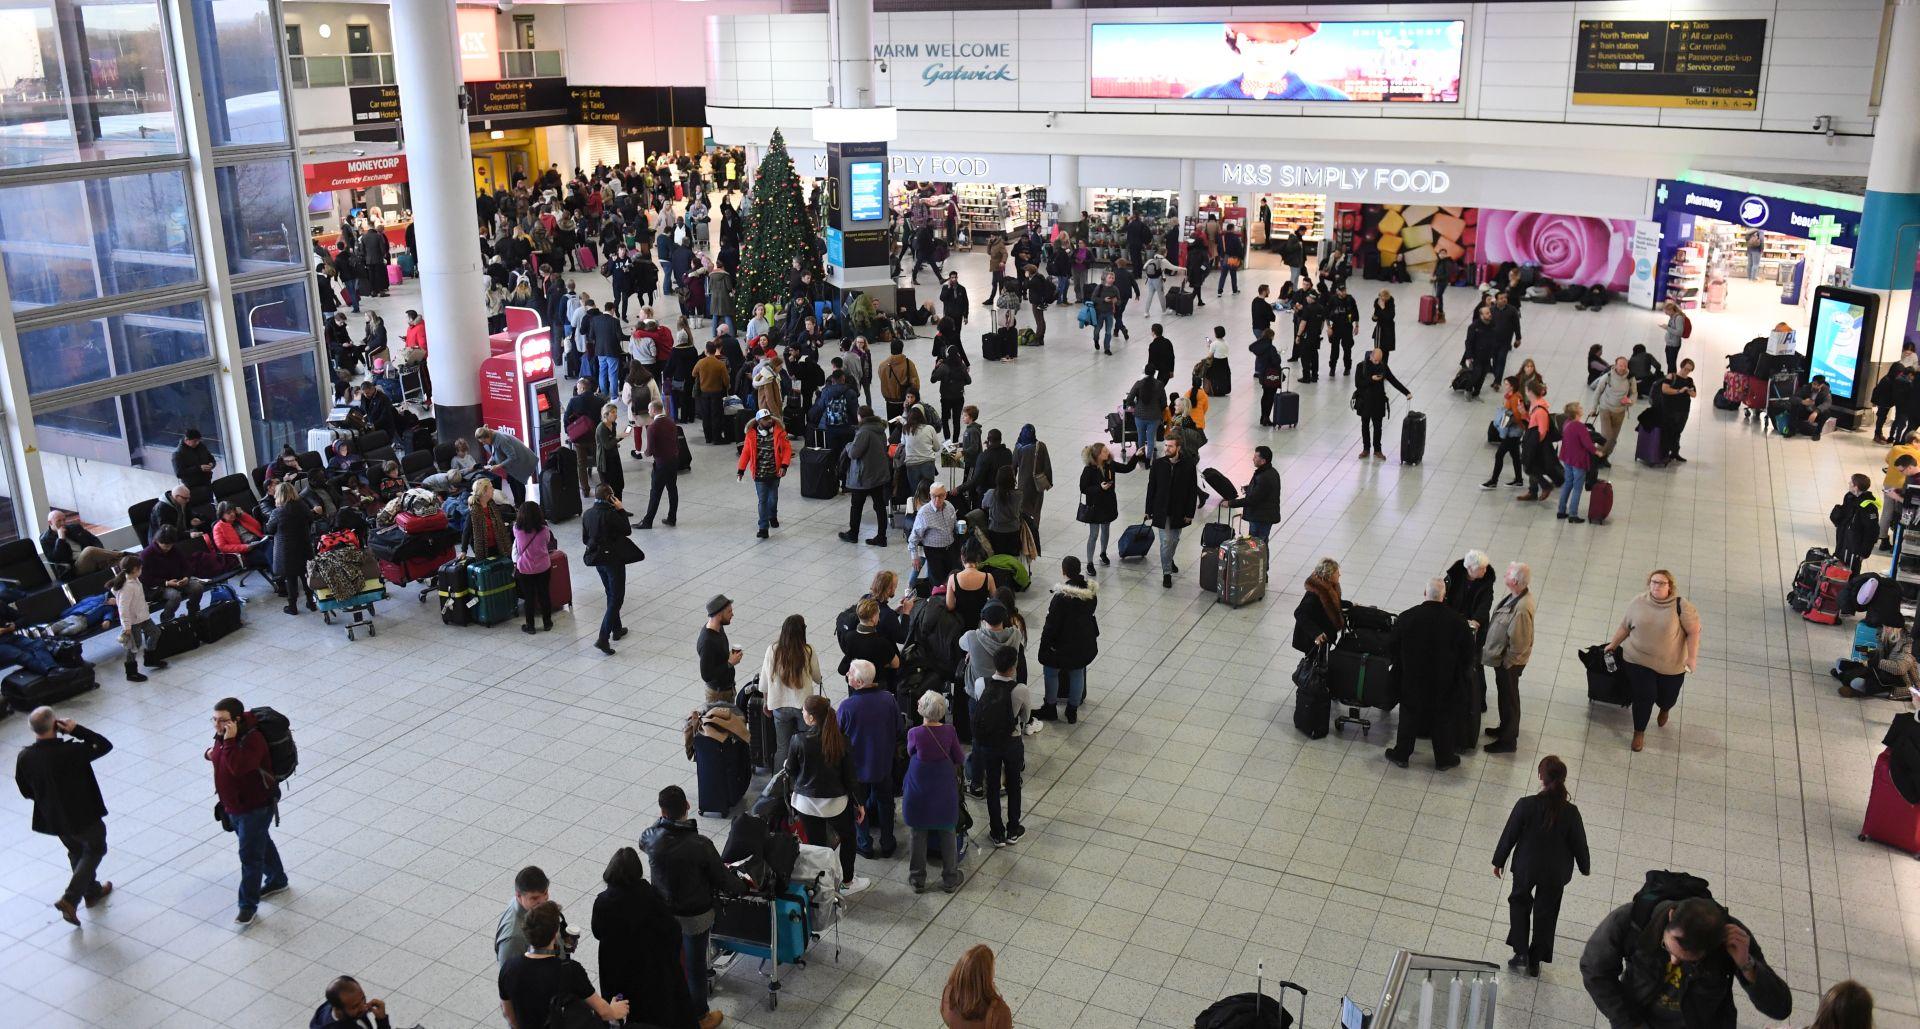 Britanska policija traga za operaterima dronova na Gatwicku